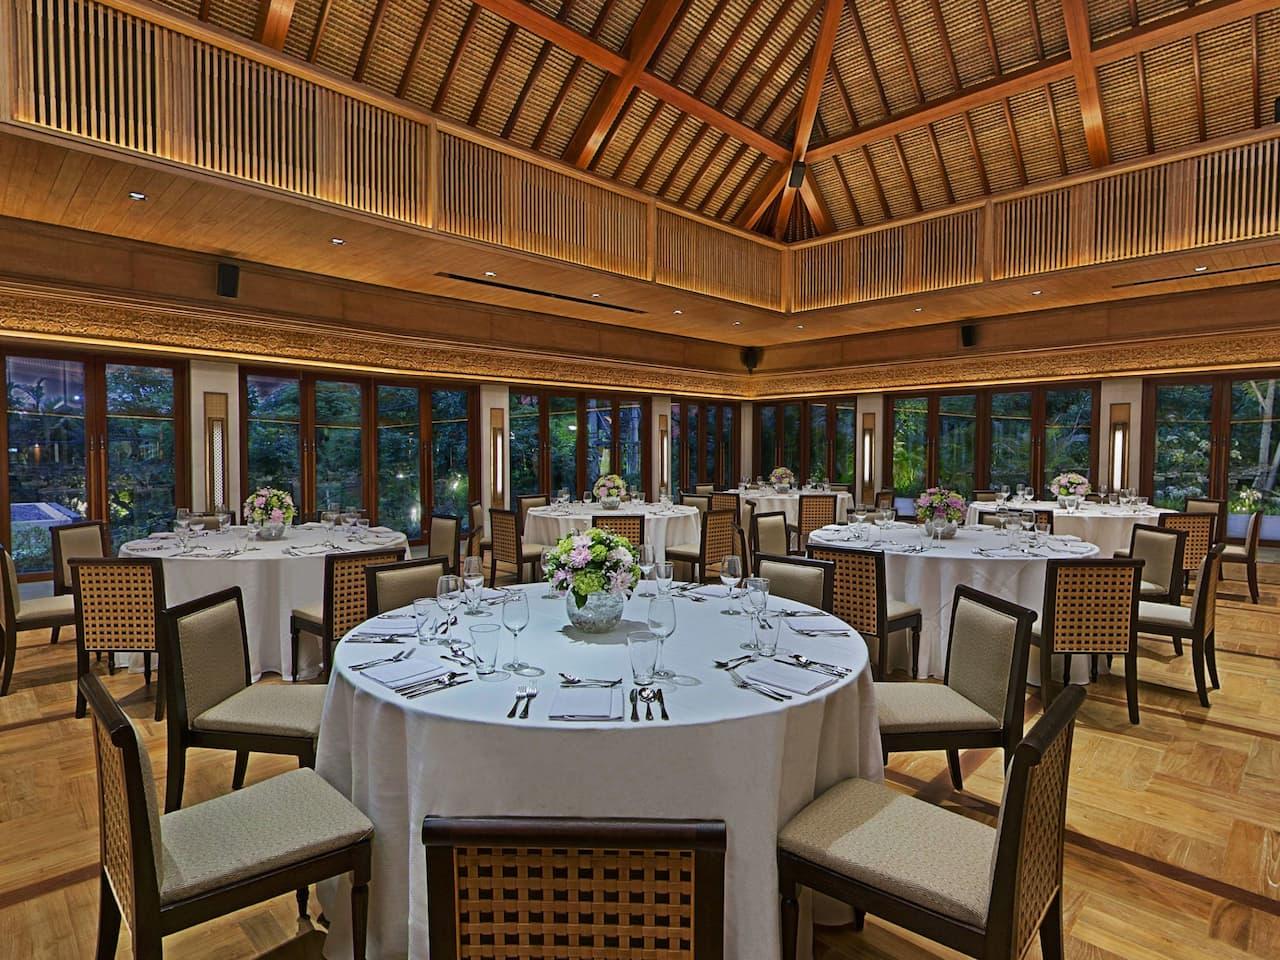 Banquet Setup at Hyatt Regency Bali's Ballroom